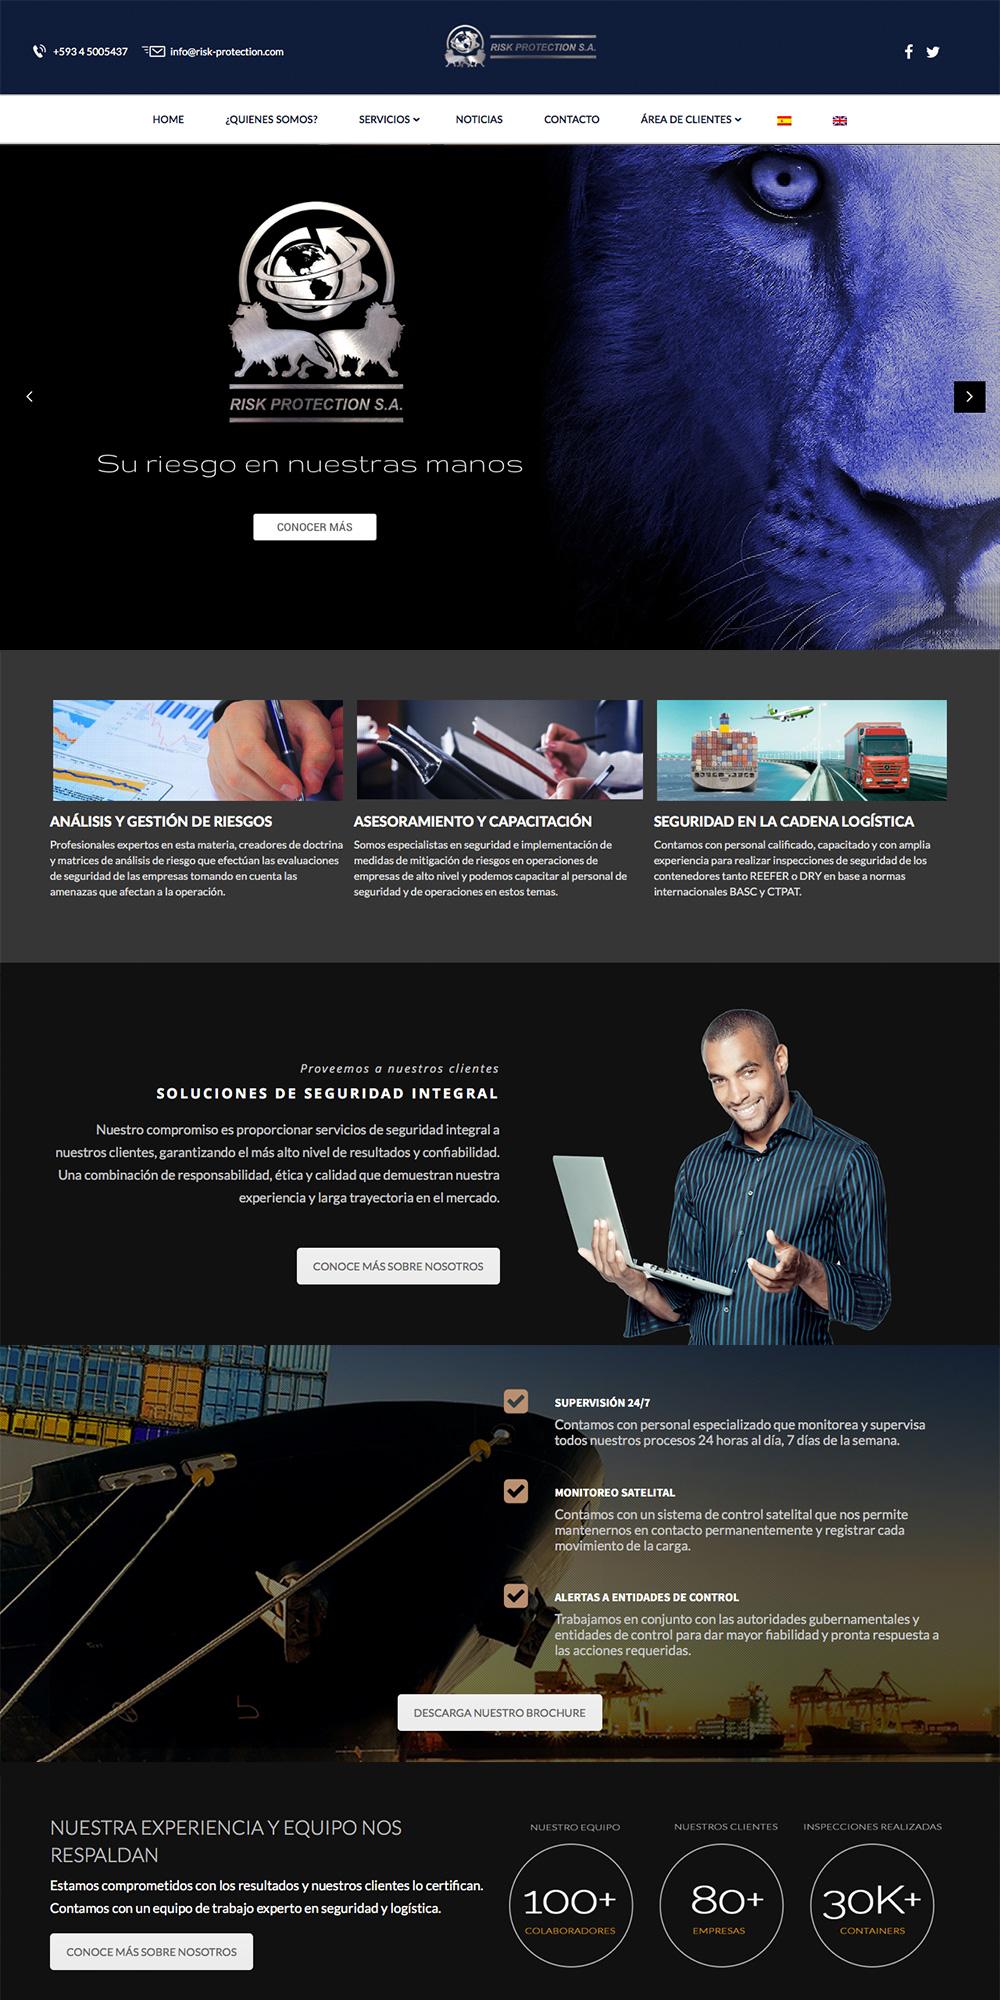 Risk protection ecuador pagina web